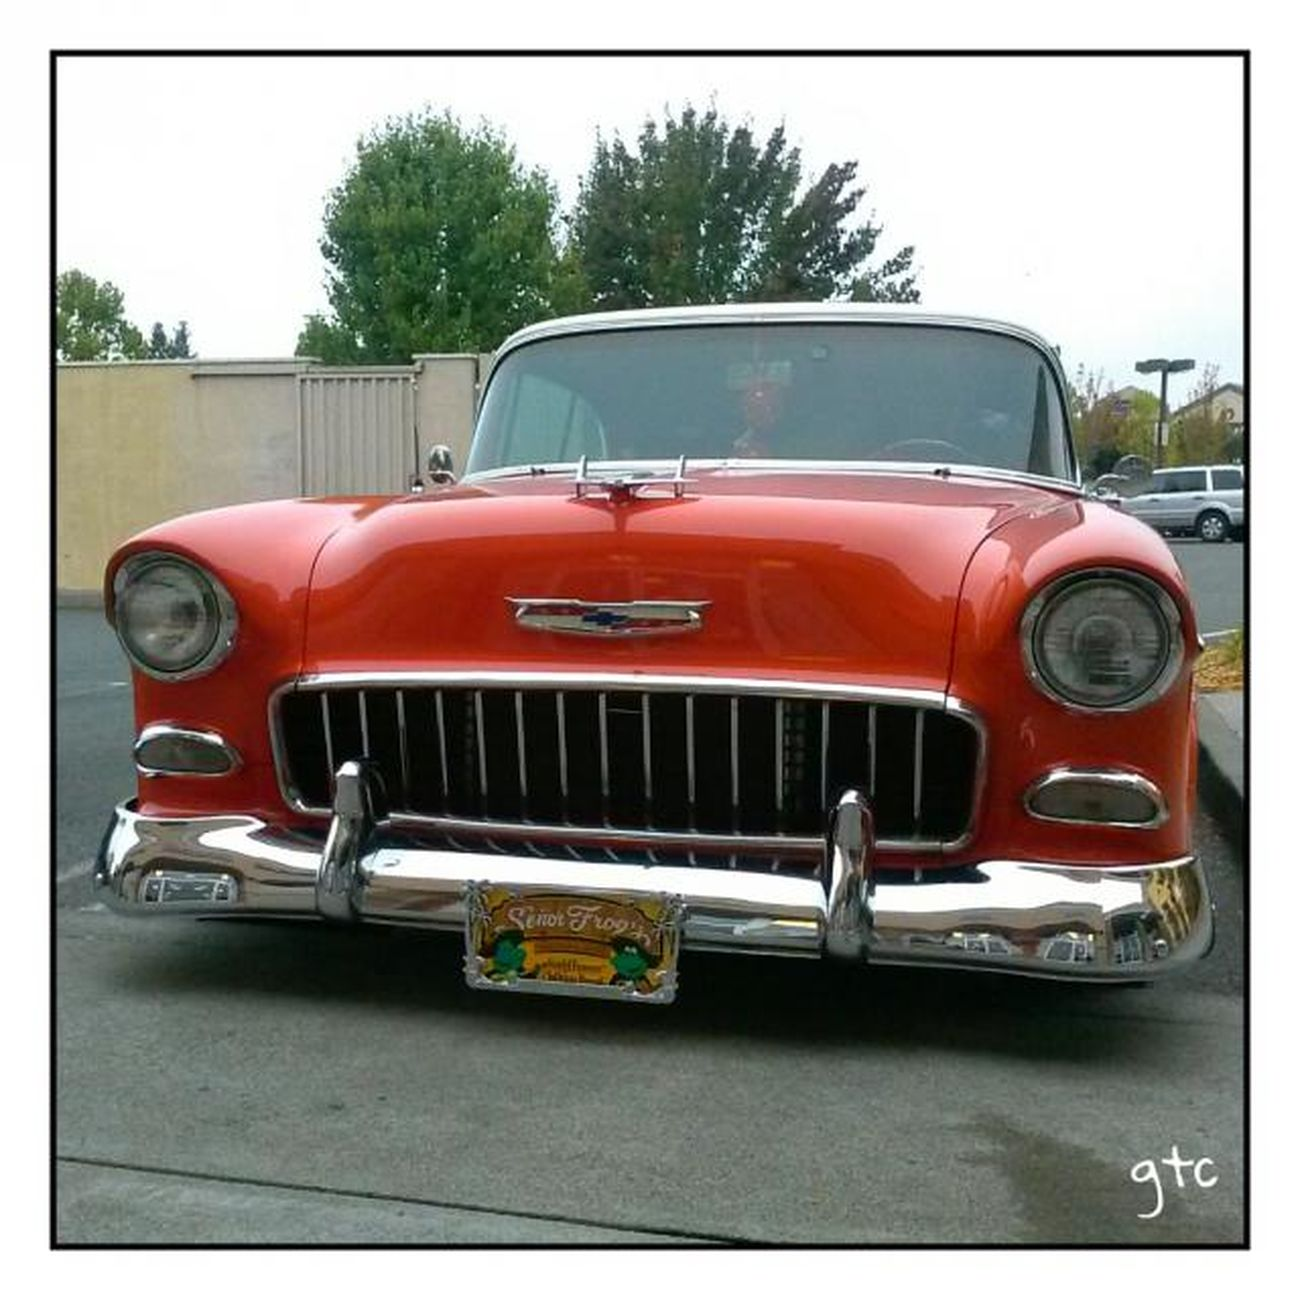 55 Chevy Bel Air Vintage American Metal Cars Vintage Cars Muscle Cars